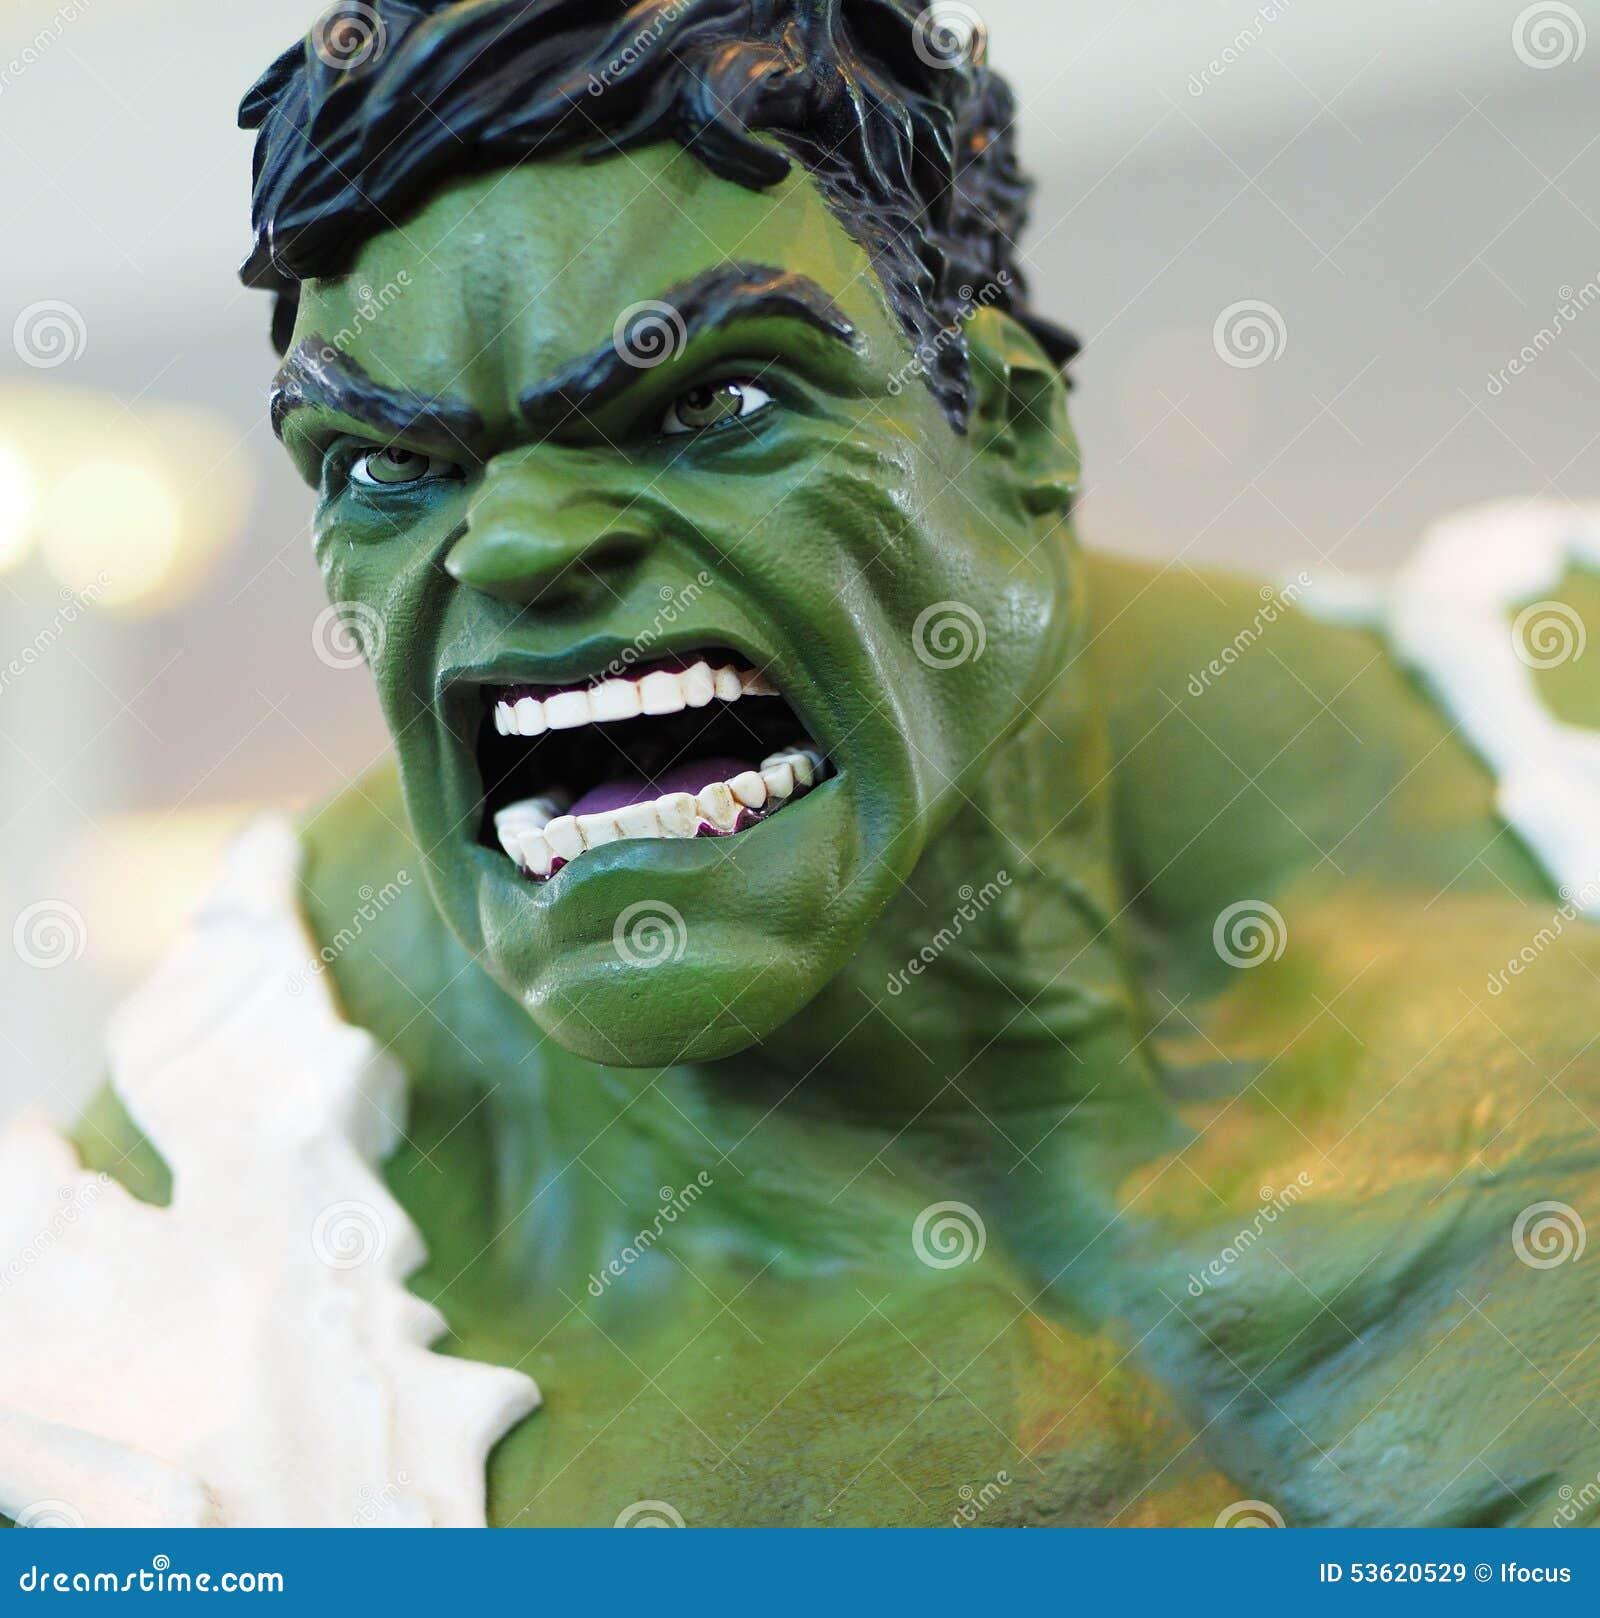 Πλασματικό Hulk superhero χαρακτήρα